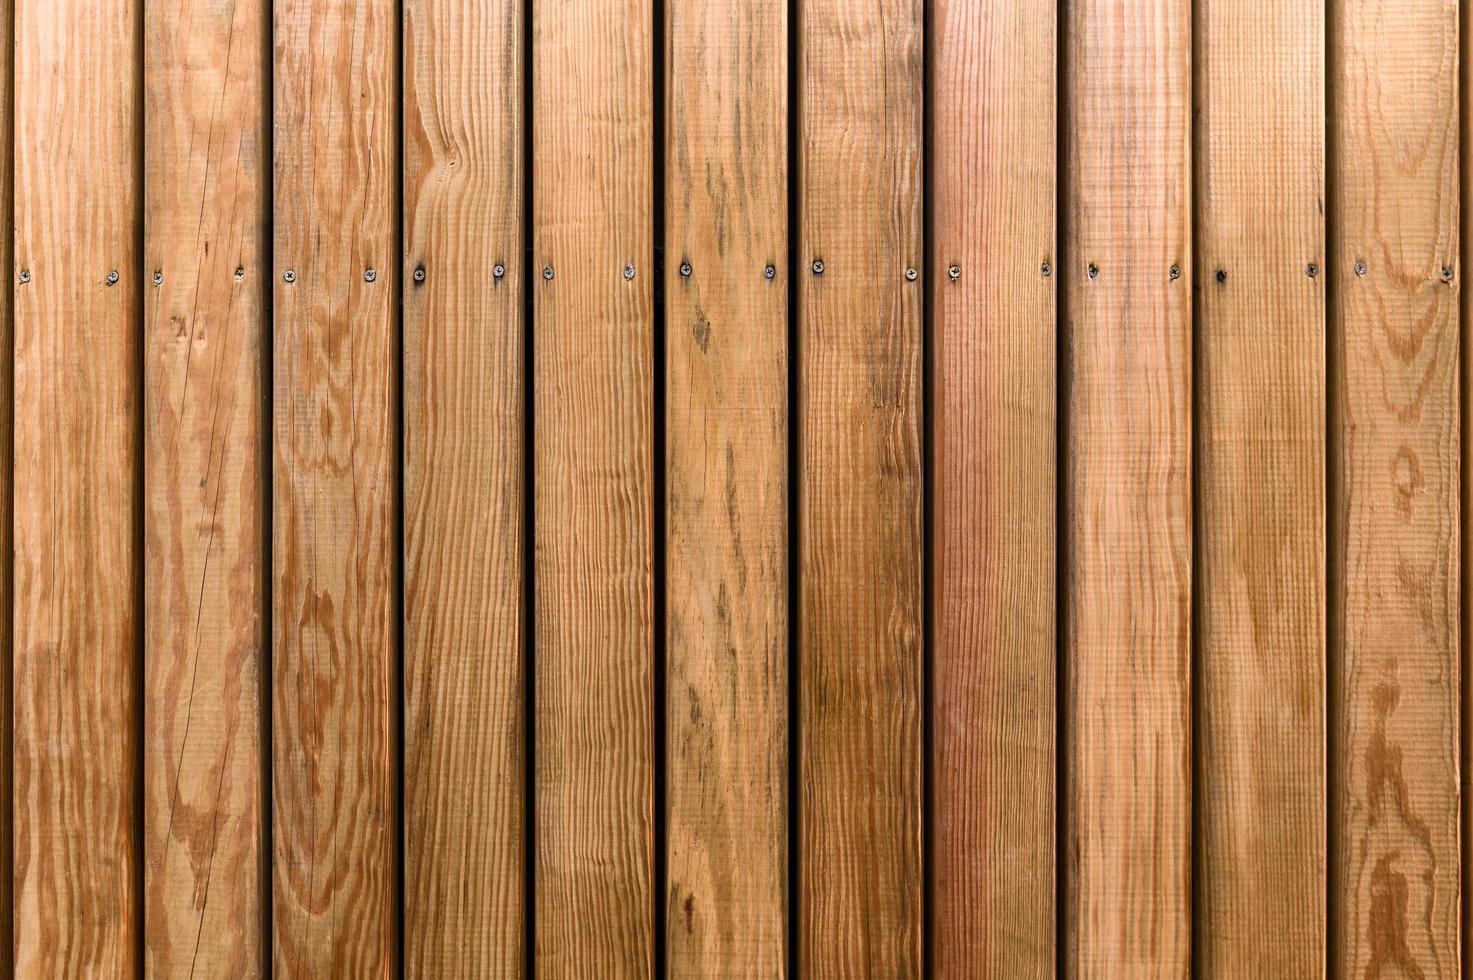 parete in legno invecchiato foto